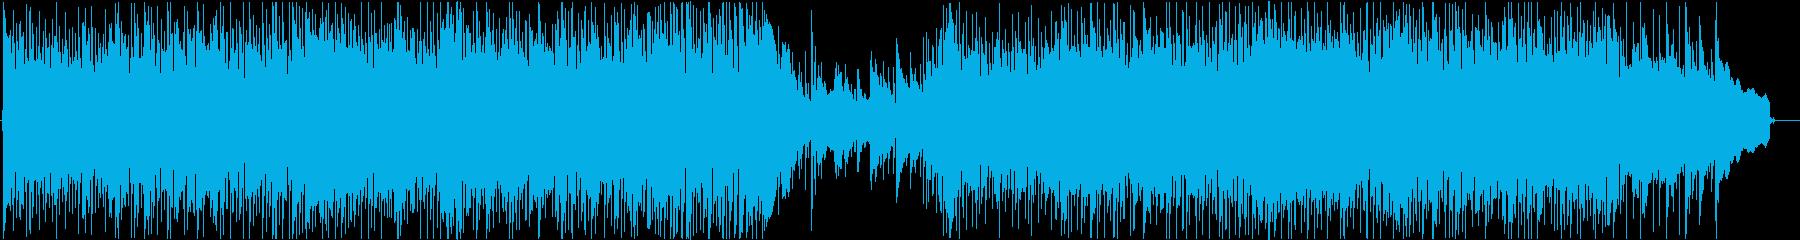 生演奏アコギインスト、爽やか-短縮版-の再生済みの波形